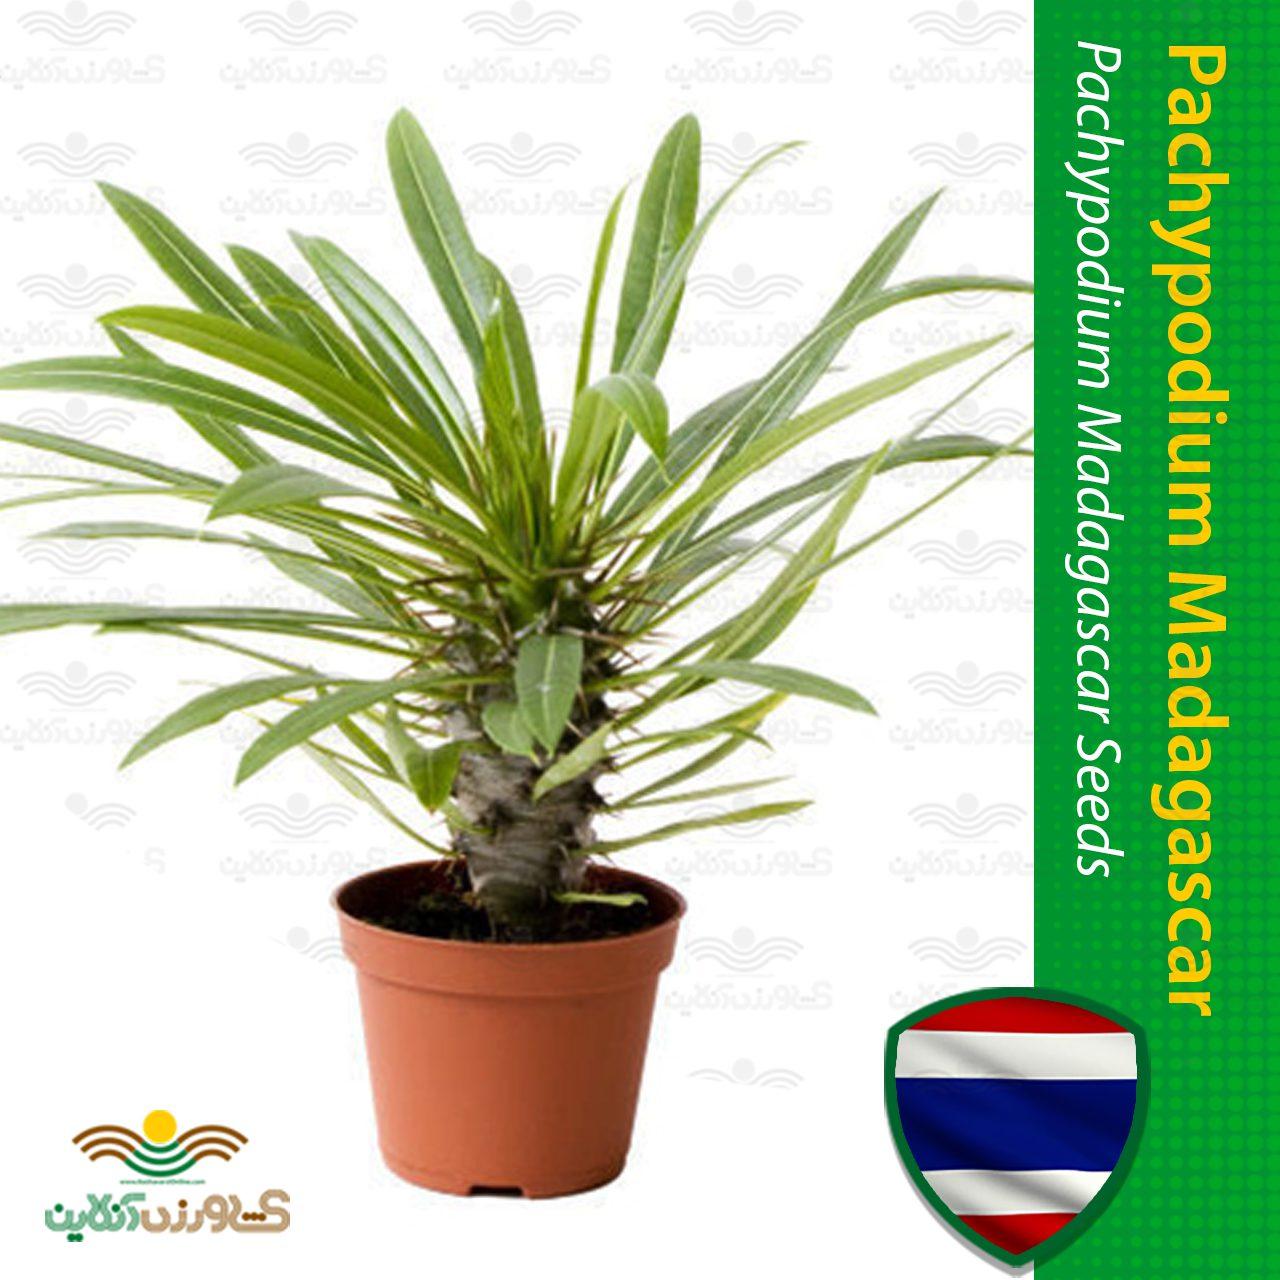 بذر نخل ماداگاسکار با کیفیت